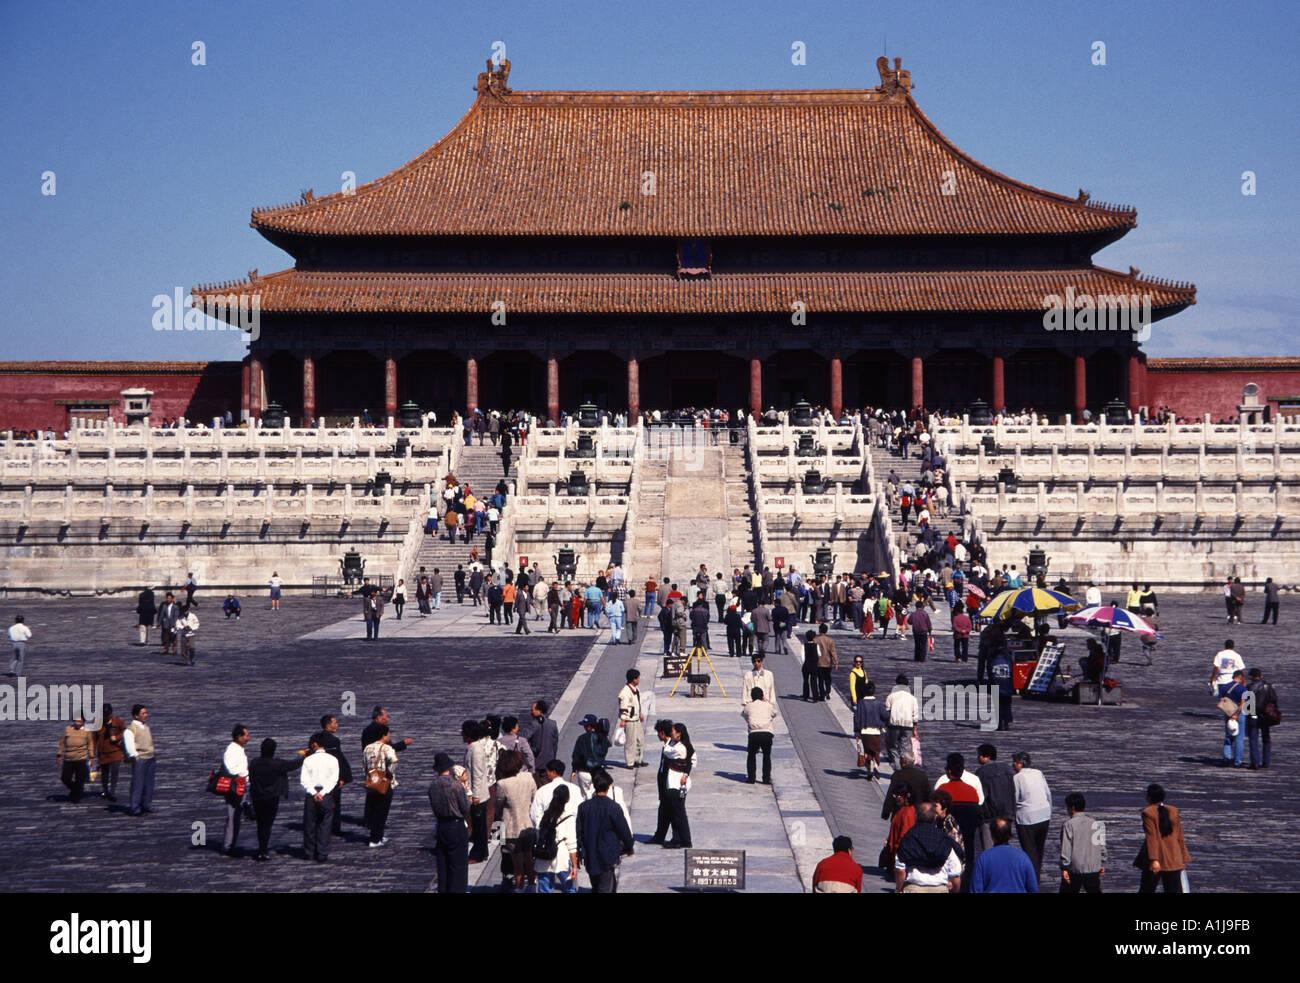 La Città Proibita Palazzo Imperiale di Pechino CINA Foto Stock